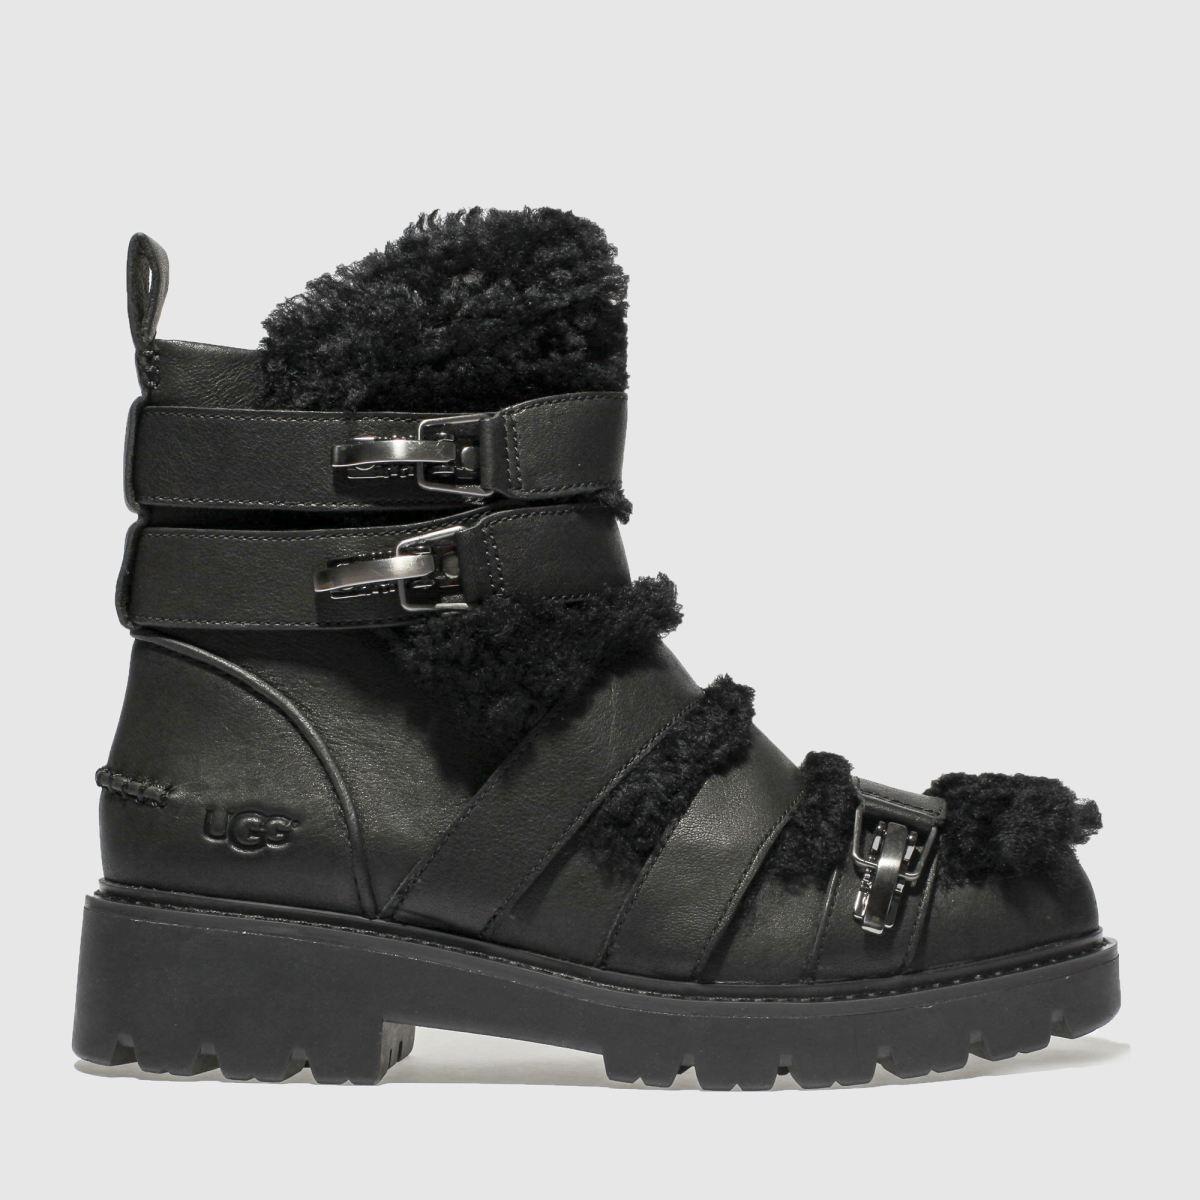 Ugg Black Brix Boots